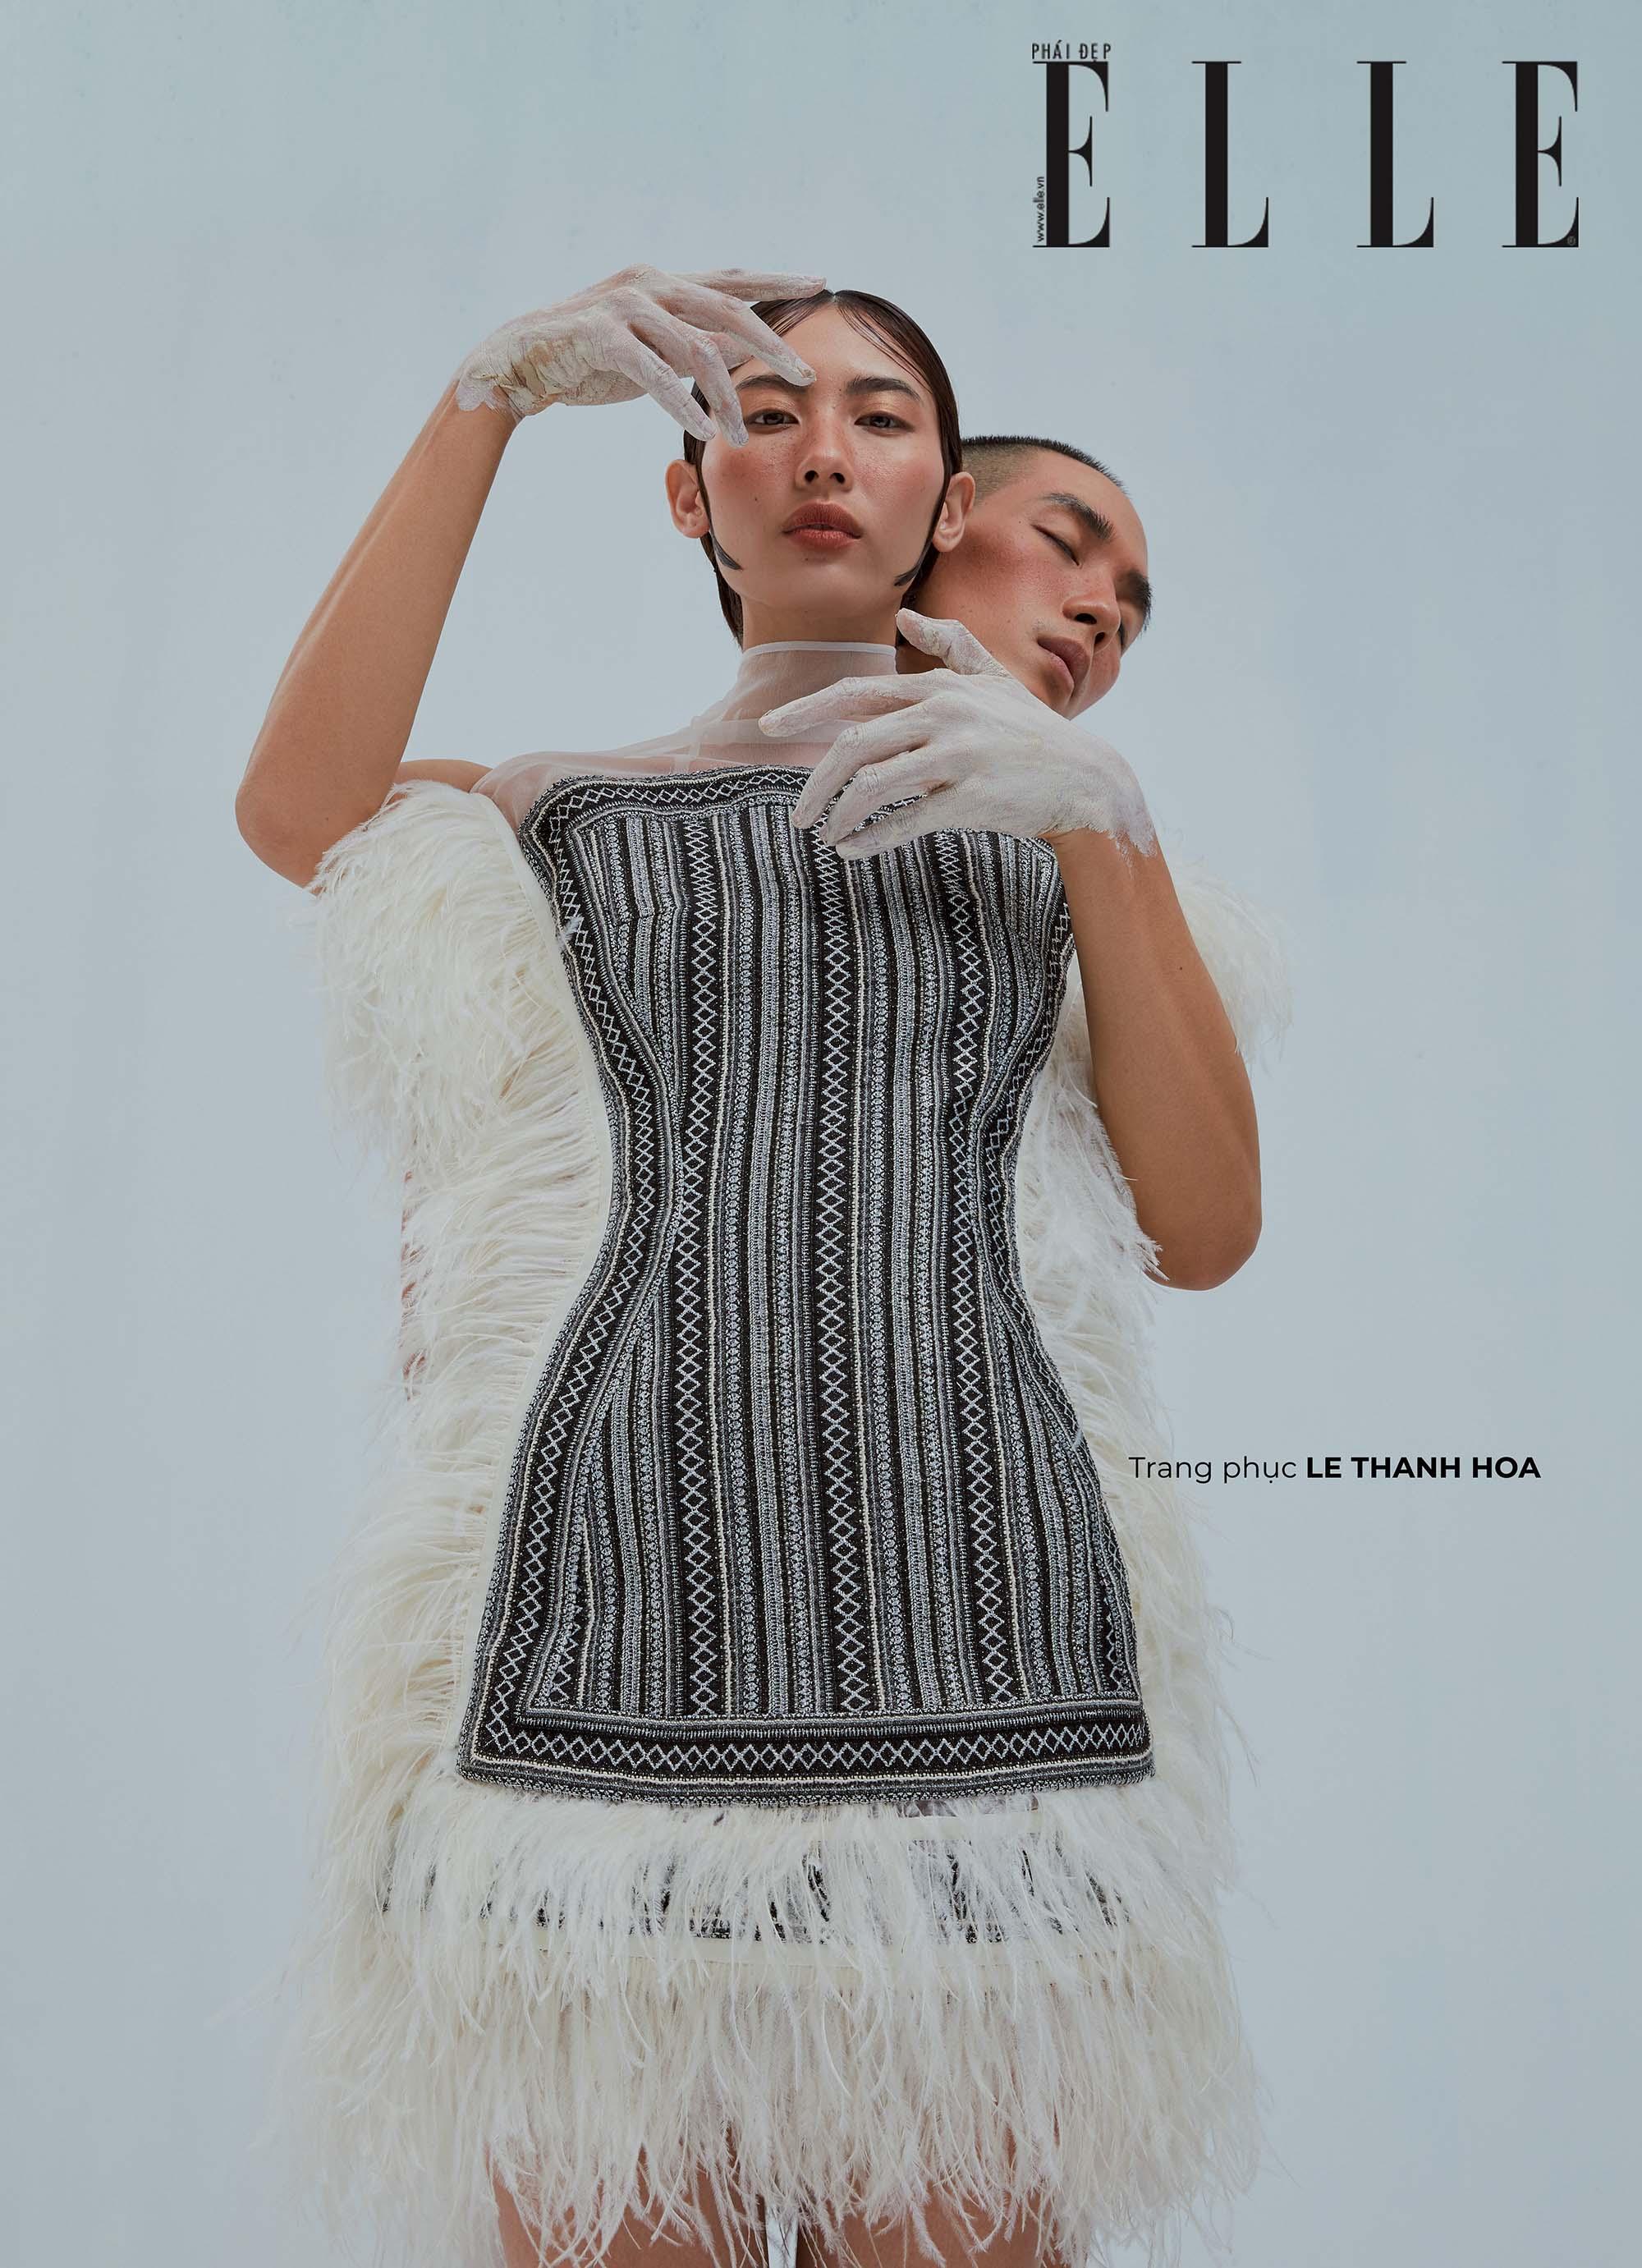 bộ ảnh thời trang trang phục Lê Thanh Hòa 2